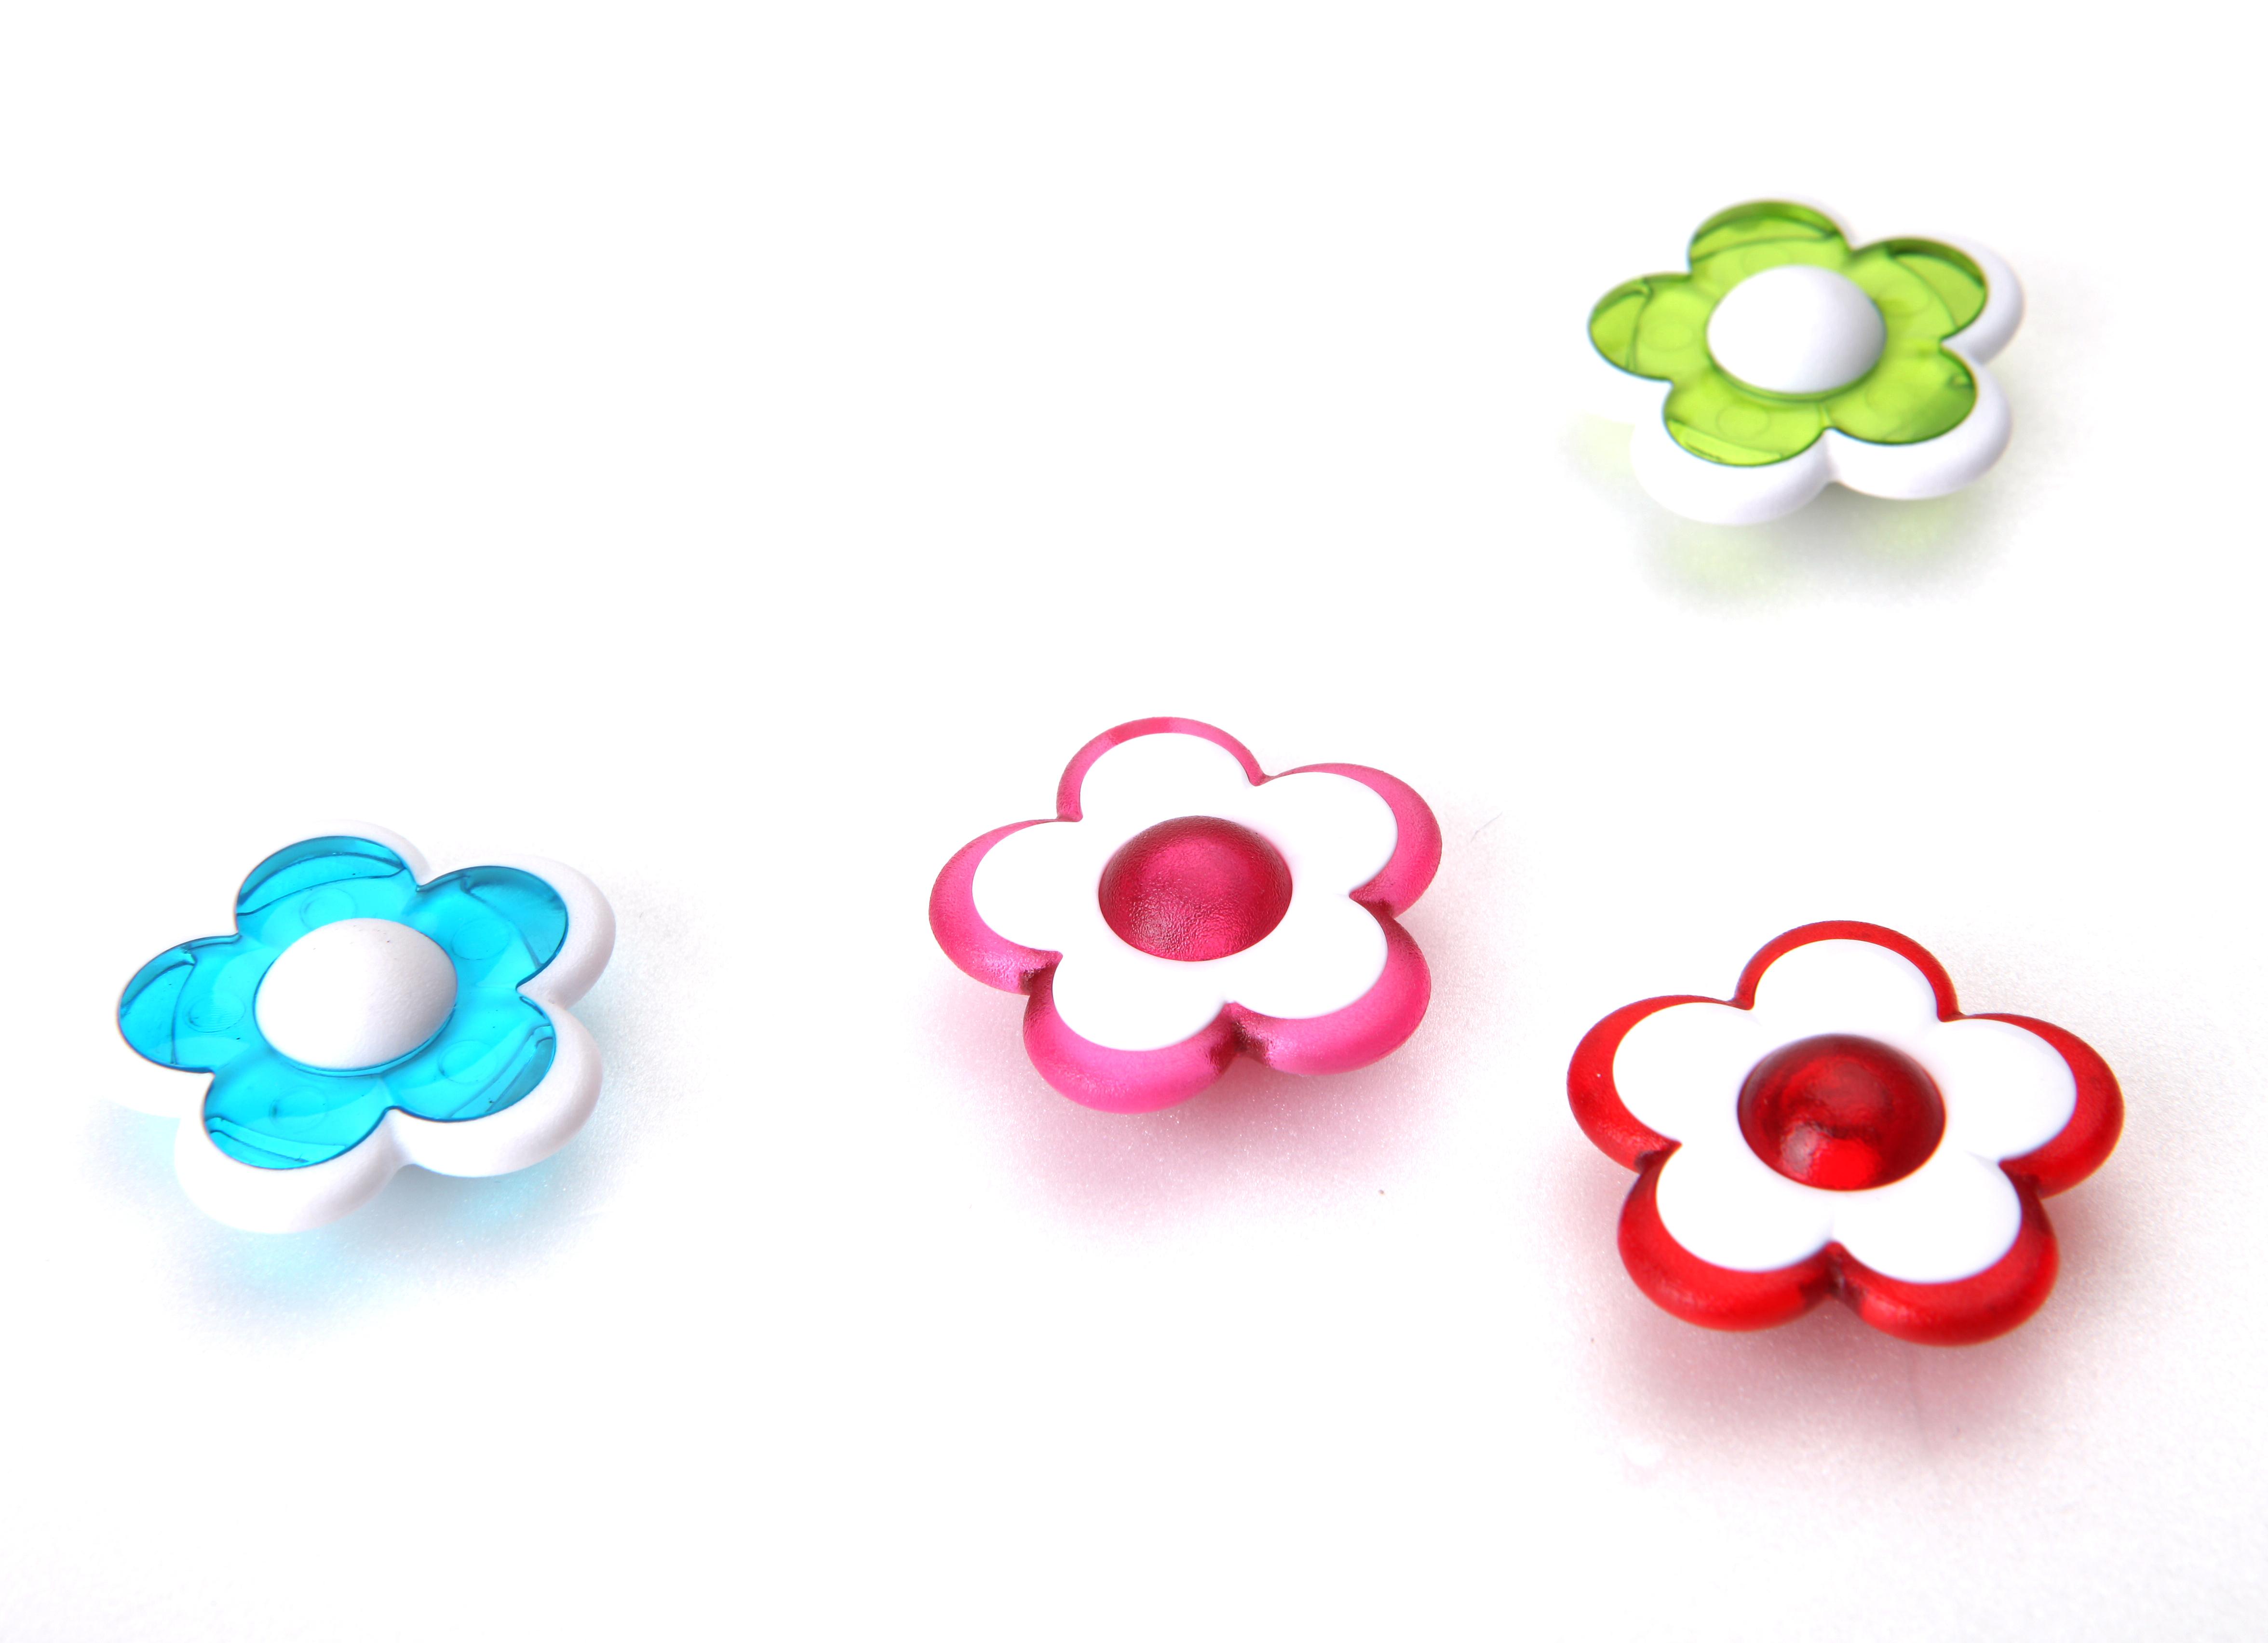 꽃자석(랜덤발송)